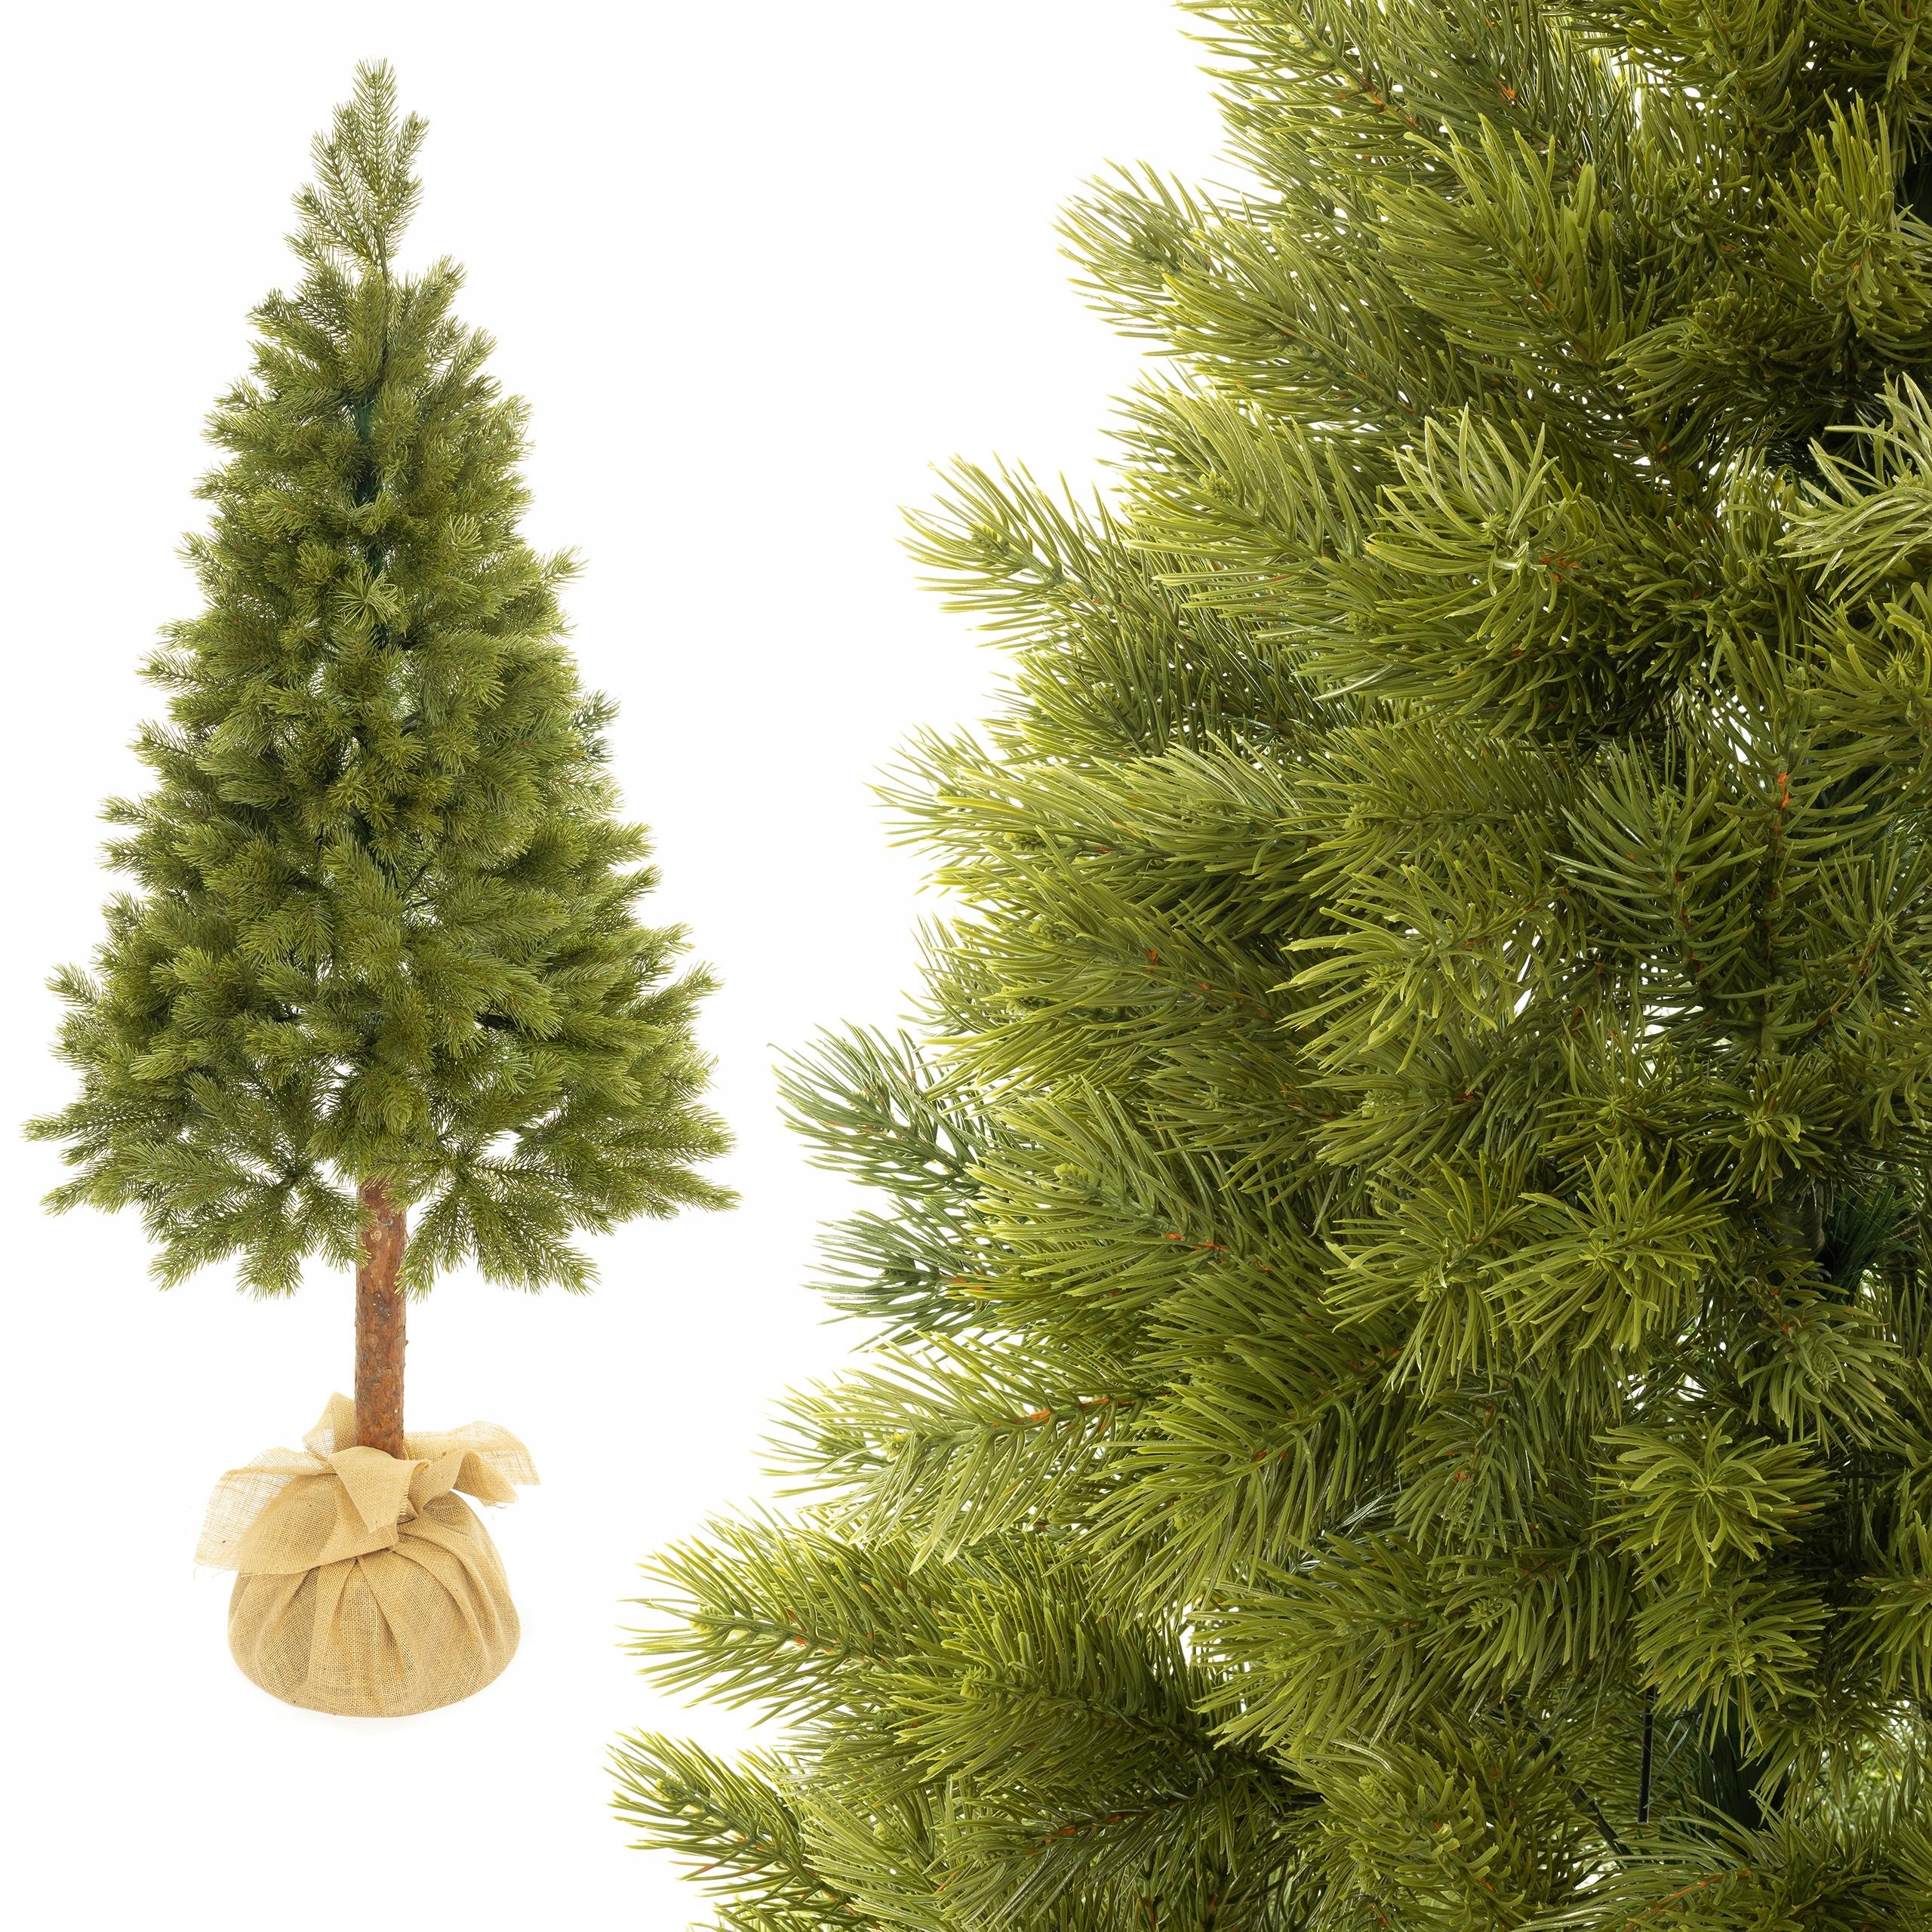 Umelý vianočný stromček, 100% PE, 160 cm PE, ako naživo